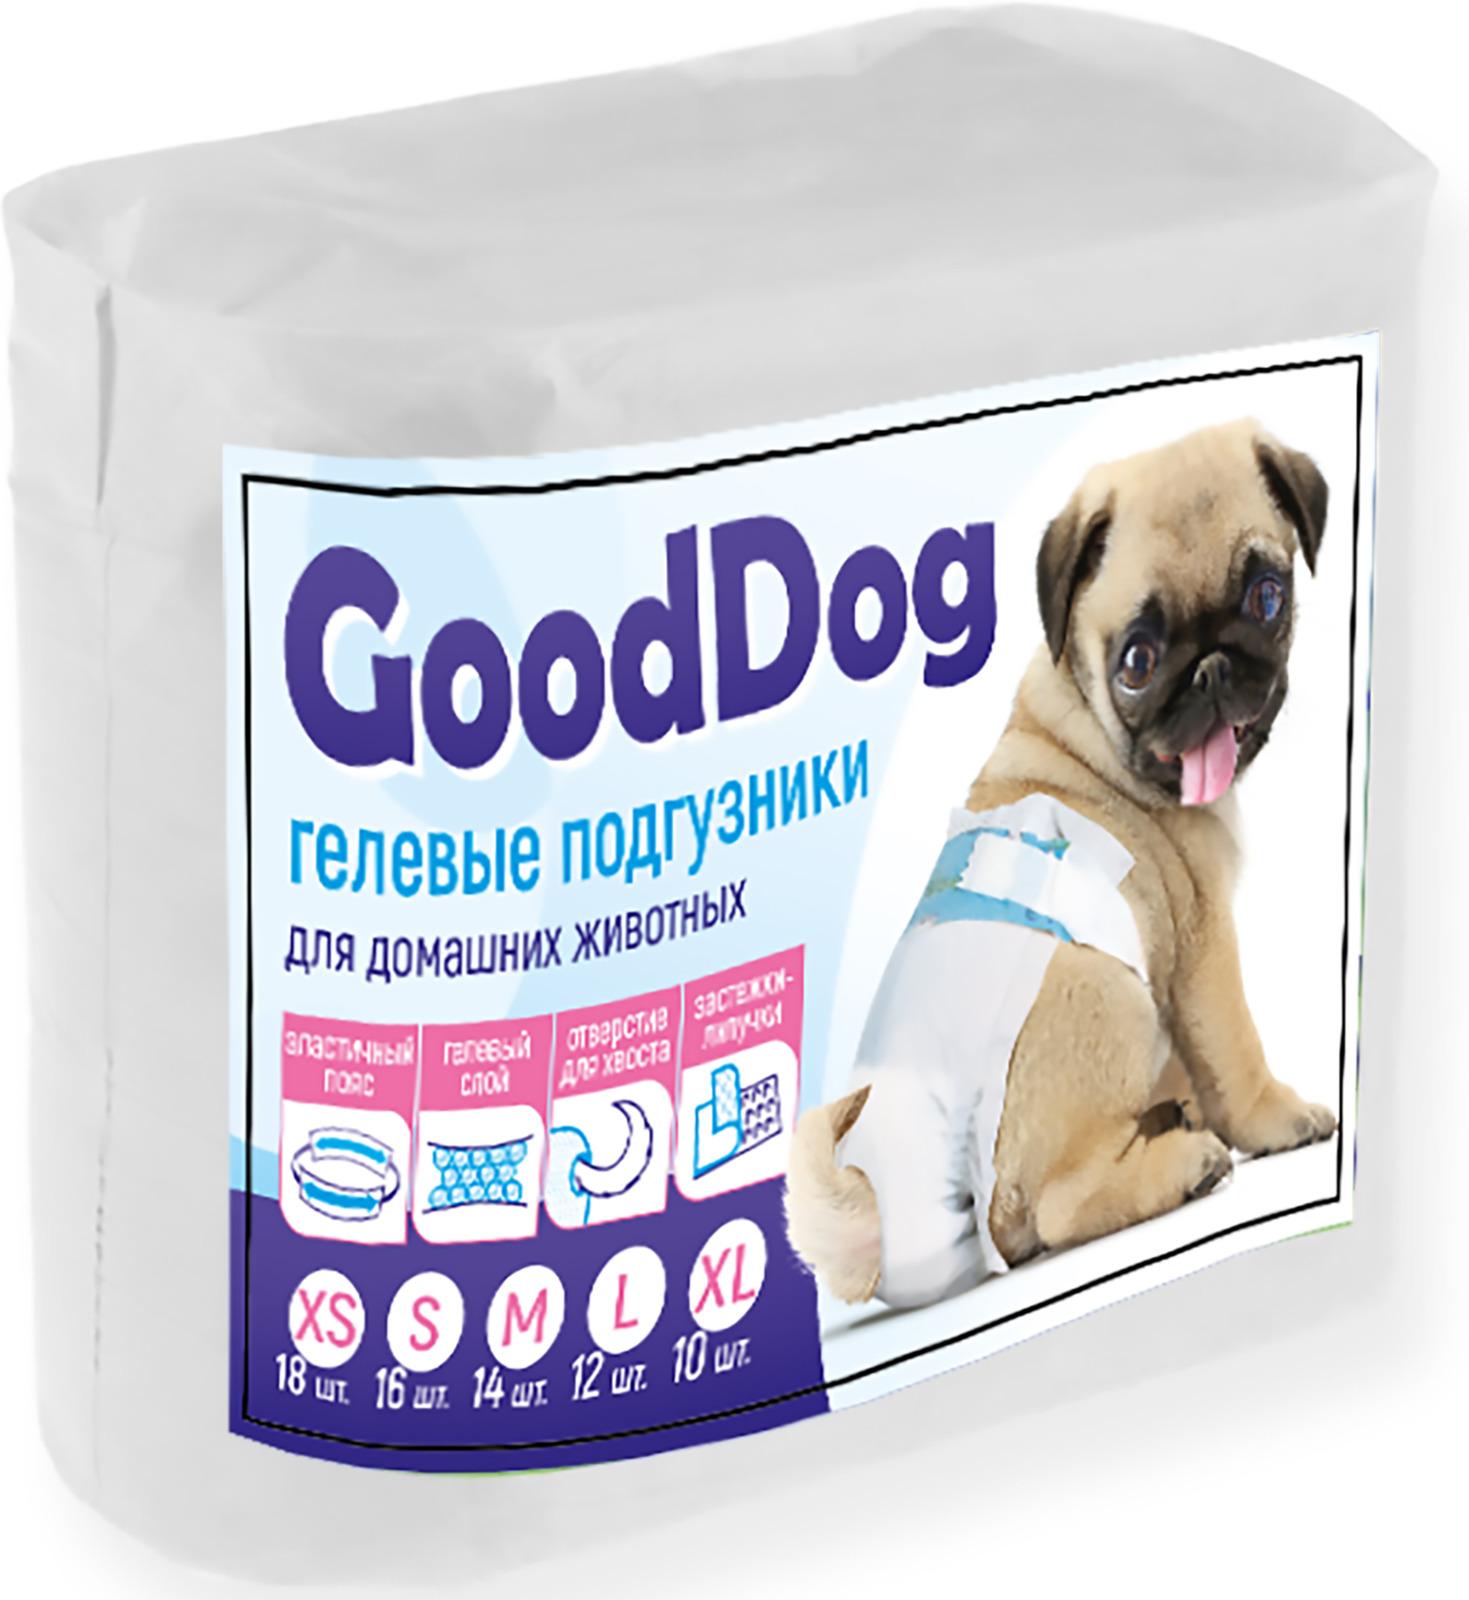 Подгузники для домашних животных Good Dog 7751, размер M (6-17 кг), 14 шт подгузники для взрослых id размер m 30шт